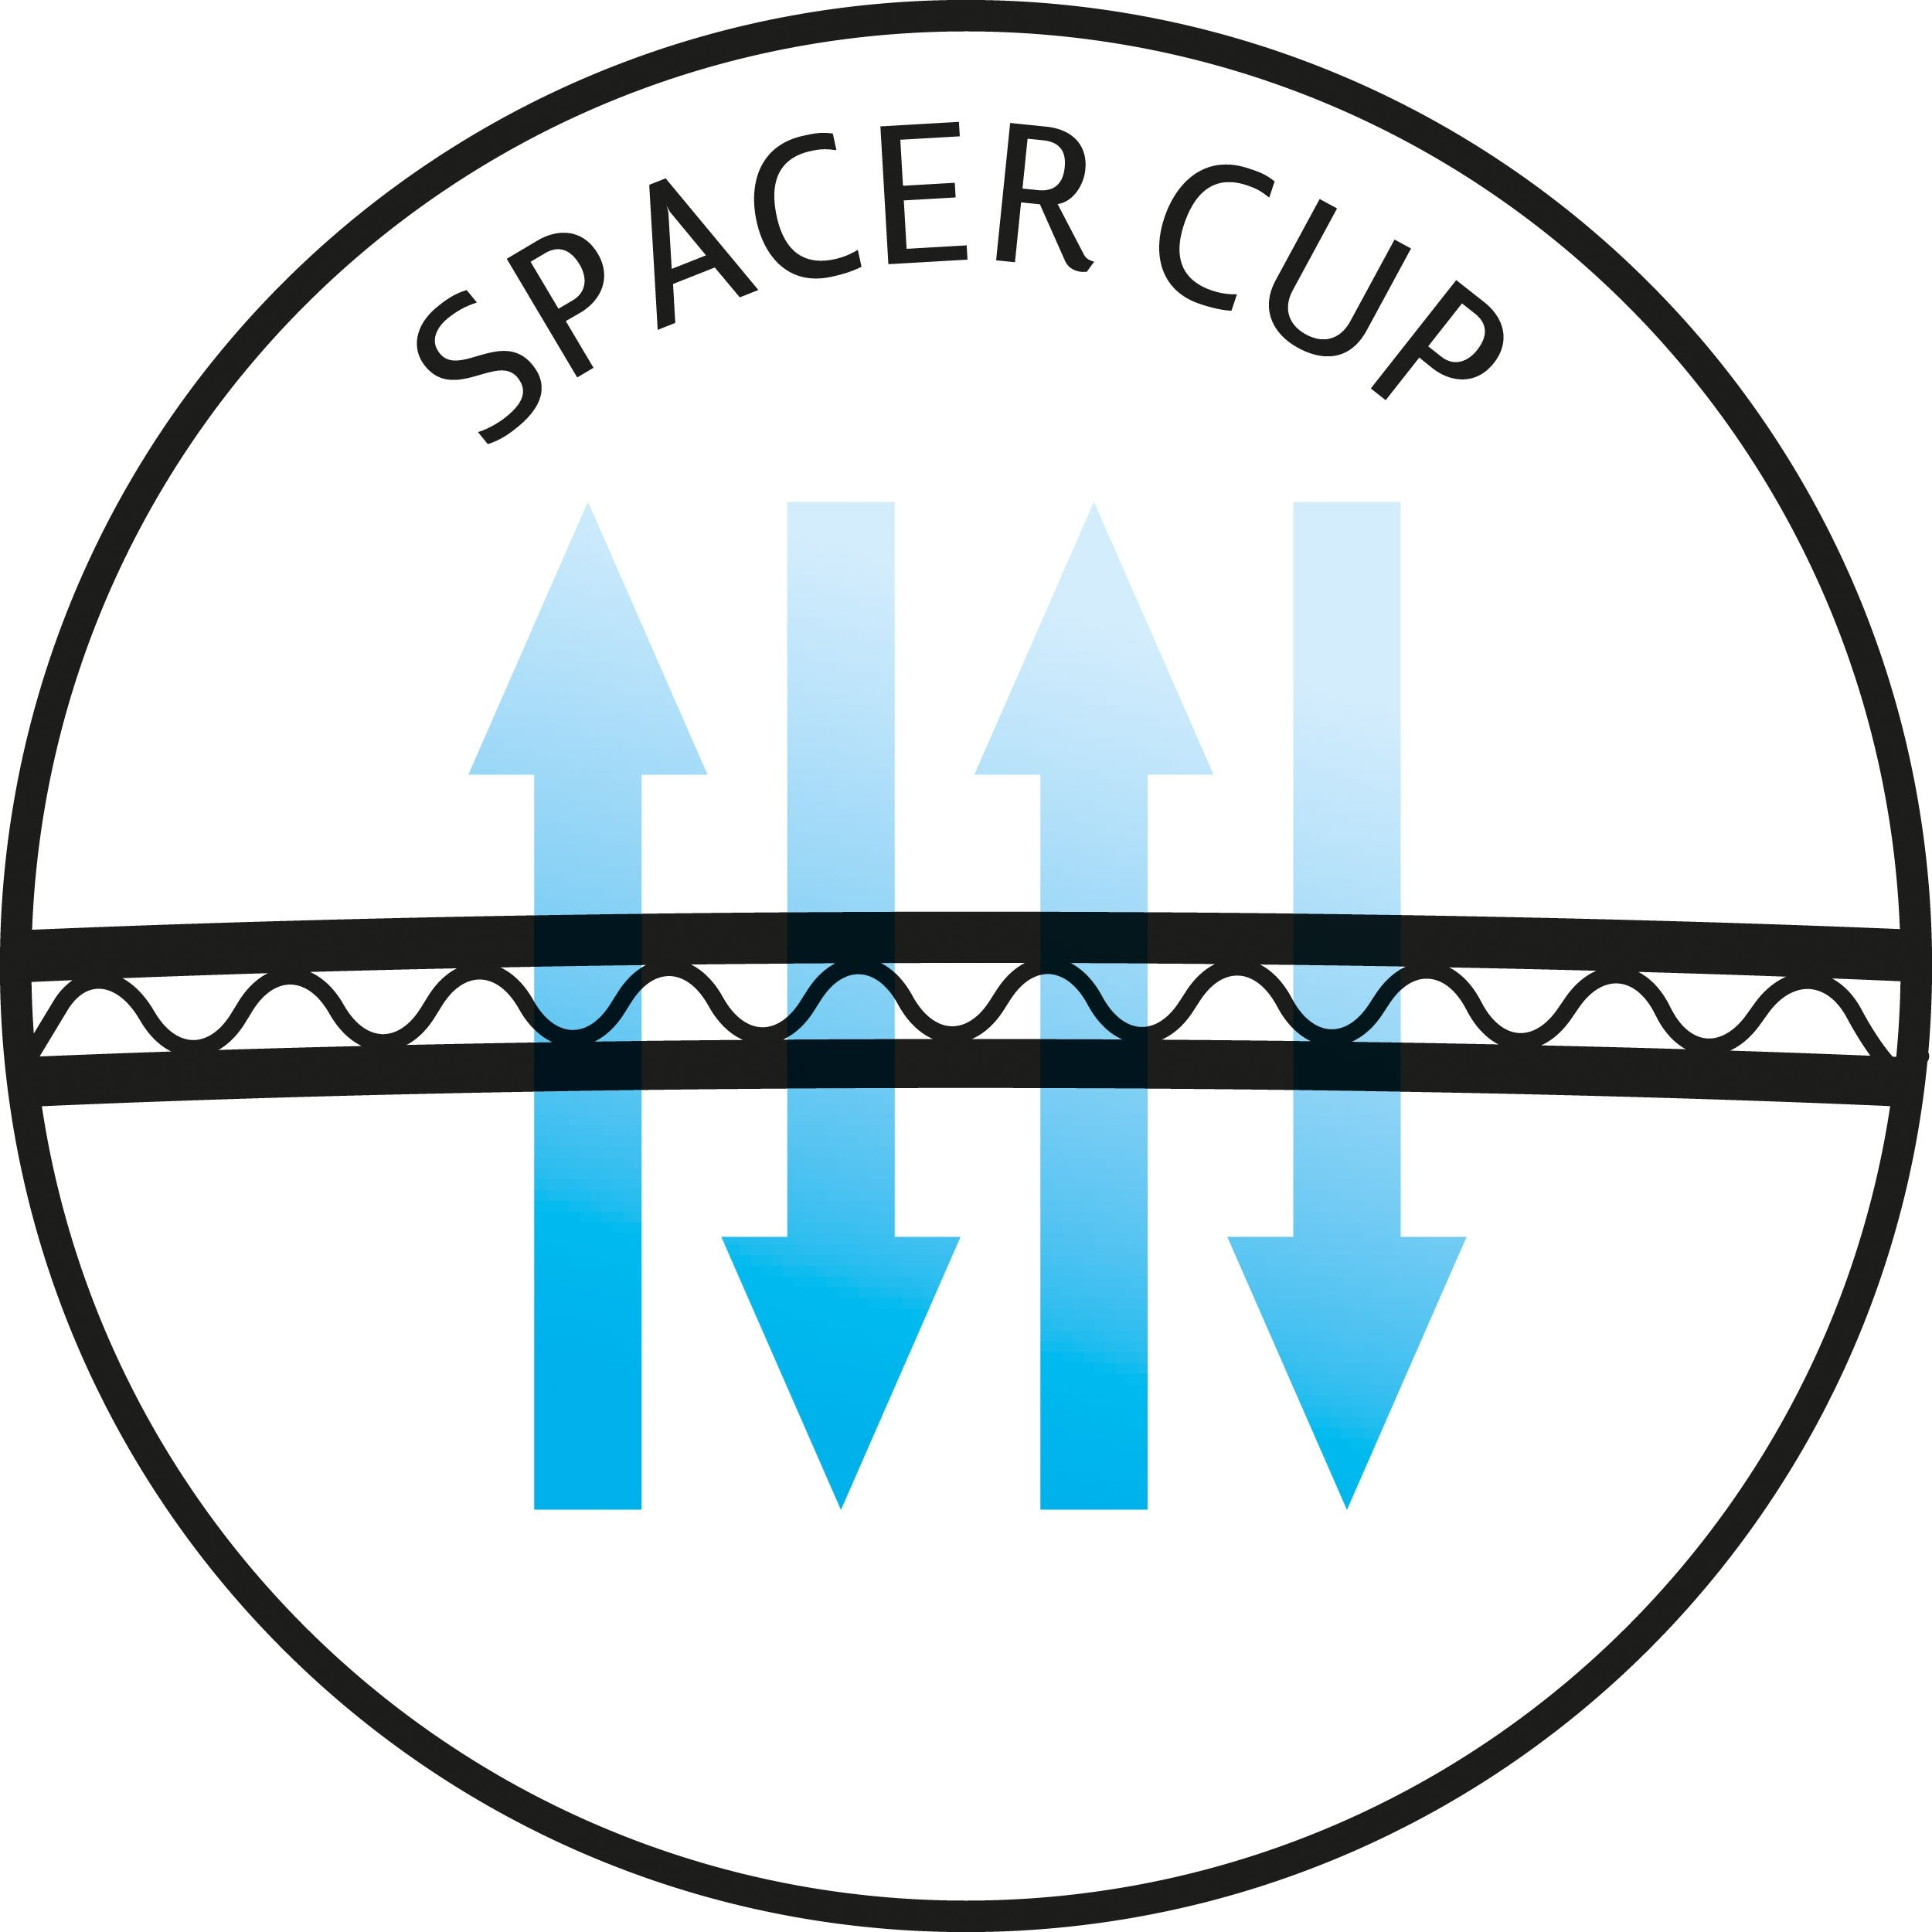 Bestellen Make Wpm Steuncupsbody Up Spacer Met Blossom Triumph Online Nu bh ONP0nX8kw